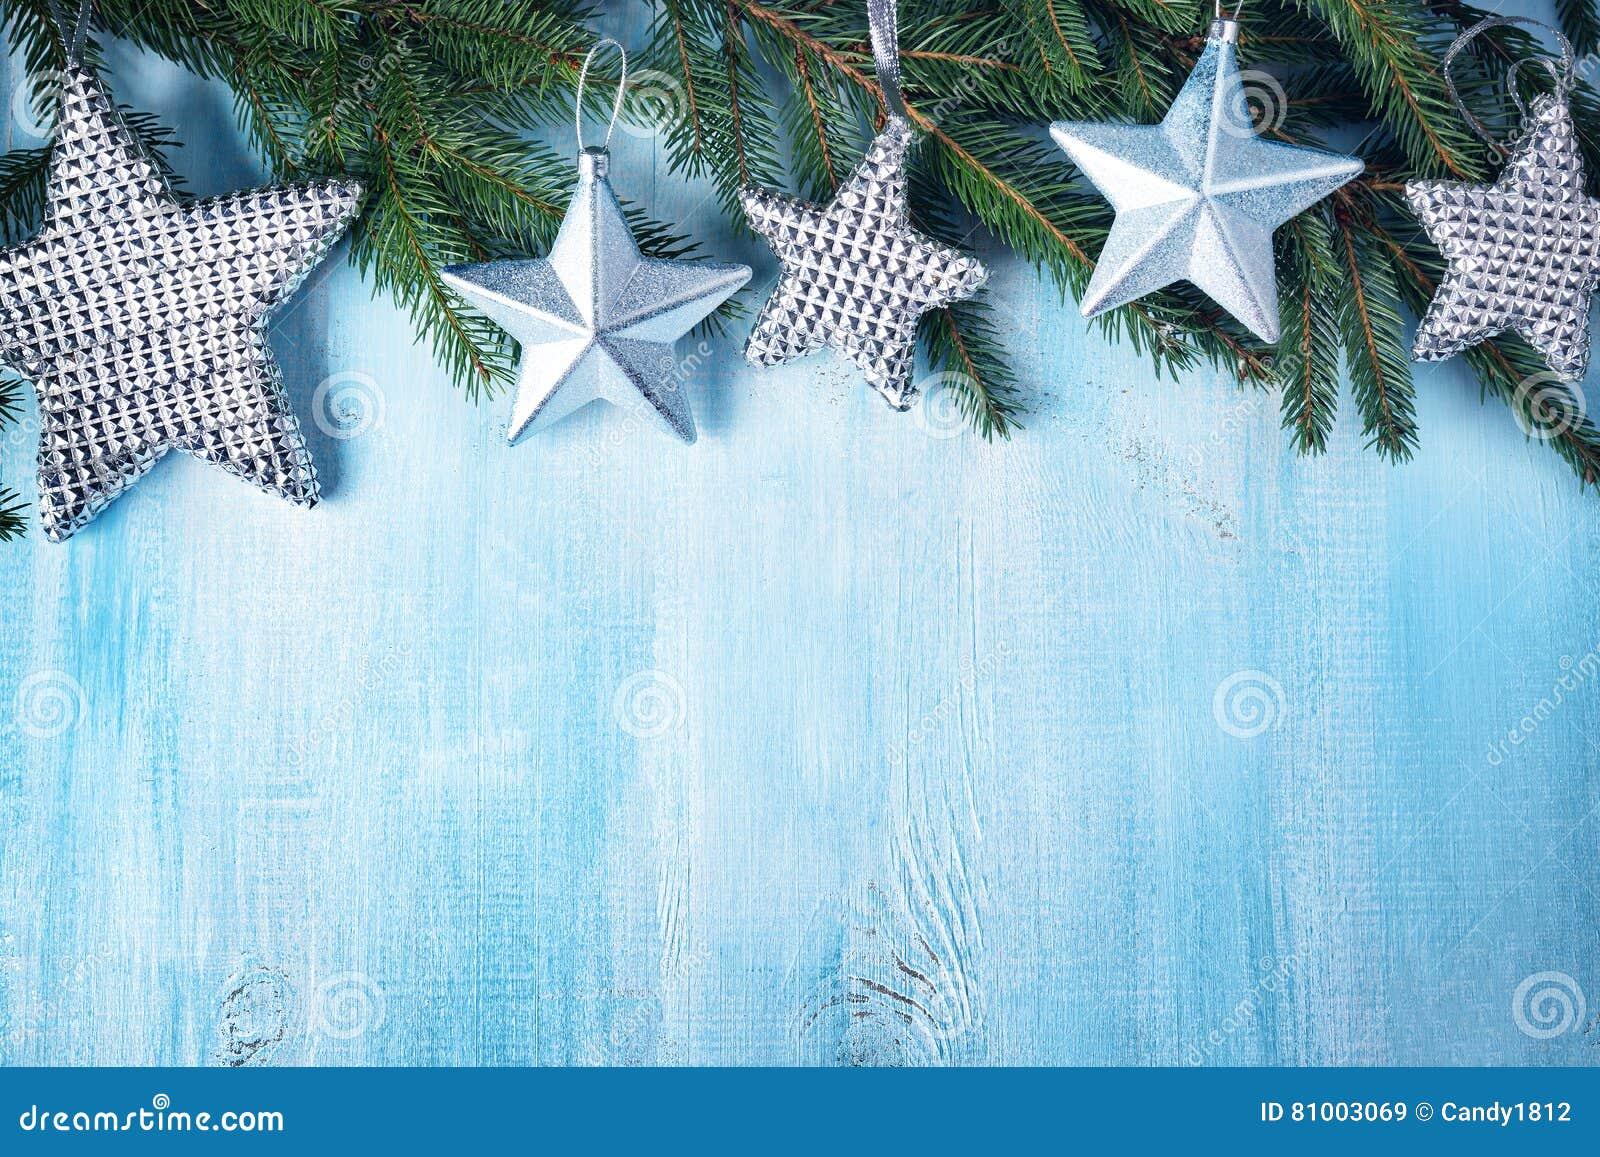 Weihnachten spielt auf hölzernem Hintergrund mit Tannenbaumasten die Hauptrolle